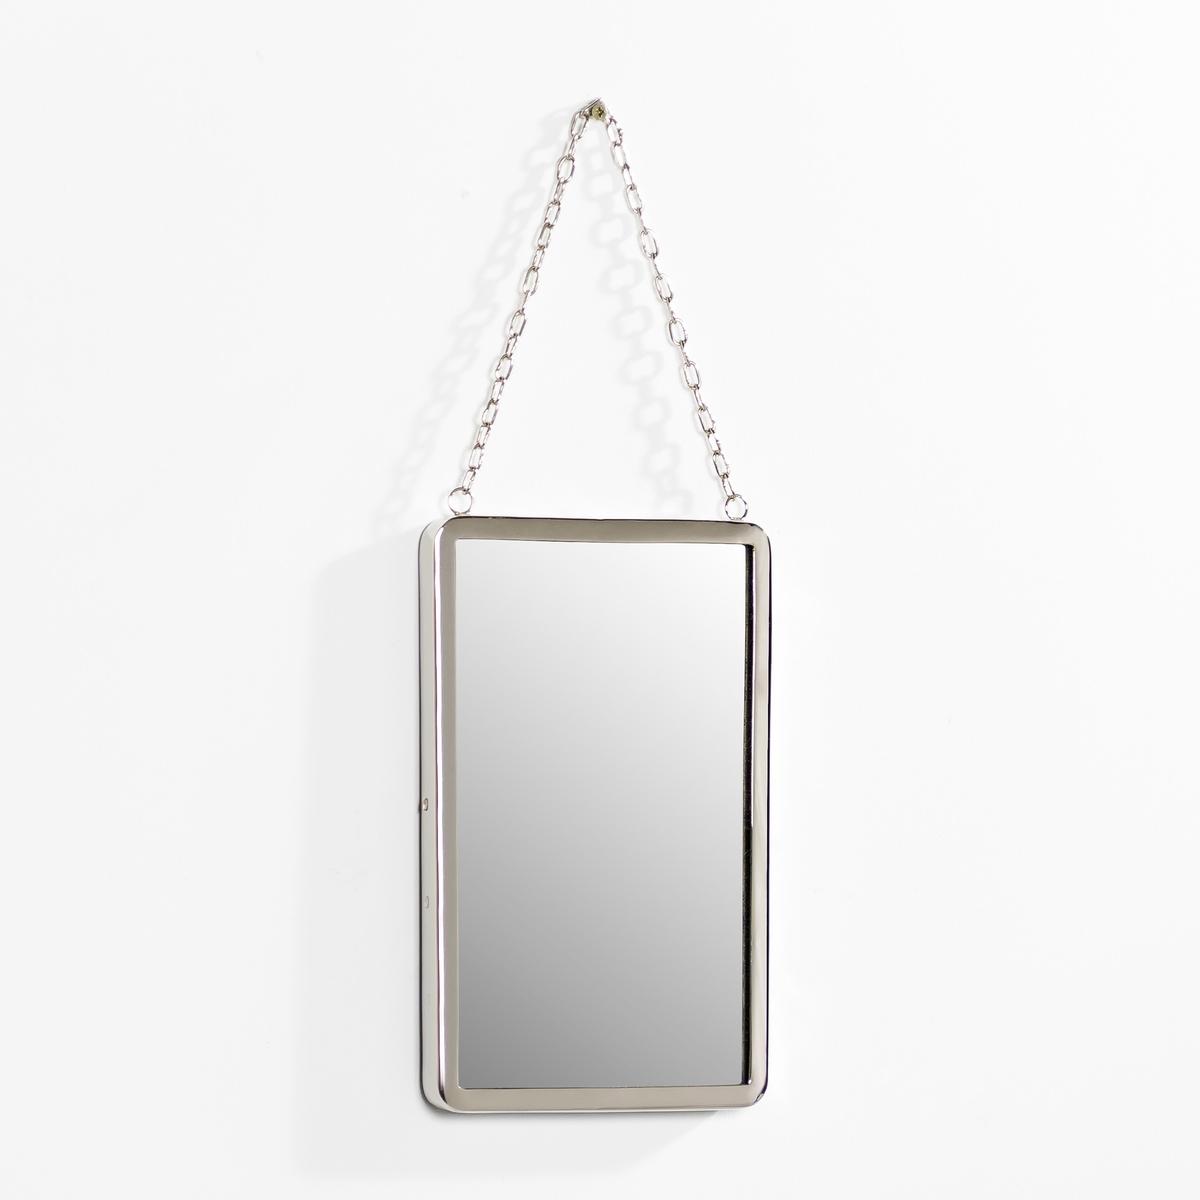 Зеркало прямоугольное, маленькая модель Д17,5 см, BarbierЗеркало в старинном стиле. Характеристики: :- Рамка из никелированной латуни . - Цепочка-подвеска из металла с никелевым покрытием   . Размеры  : - Ширина. 17,5 x выс. 27,2 см.<br><br>Цвет: безцветный